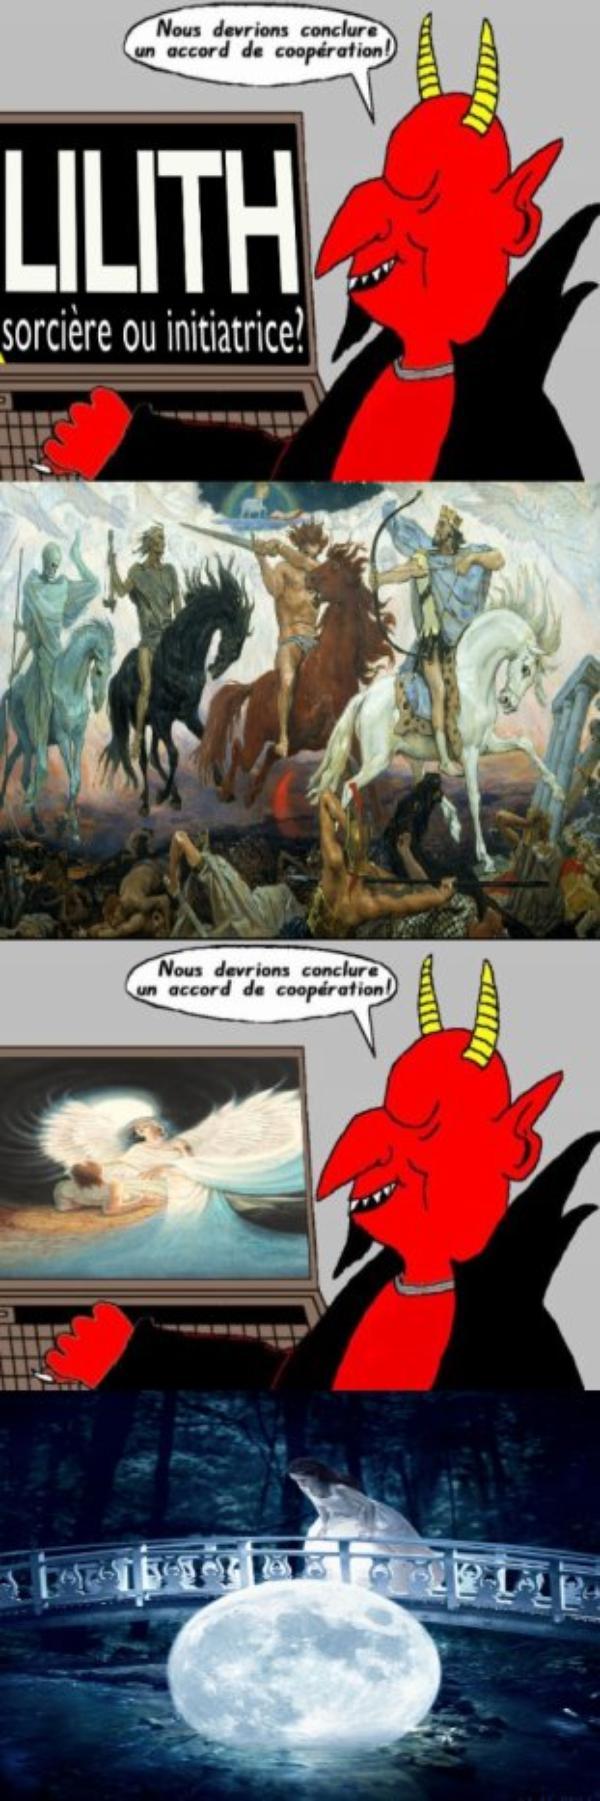 Dans ma famille racine de David (P), nous ne craignons pas Lilith et la flèche de jour , cité dans le Psaume 91. Jusqu'à l'arrivée du Mahdi (p) , ma grande et principal prèocupation est de maintenir le président de la Syrie : Bashar au pouvoir ! !